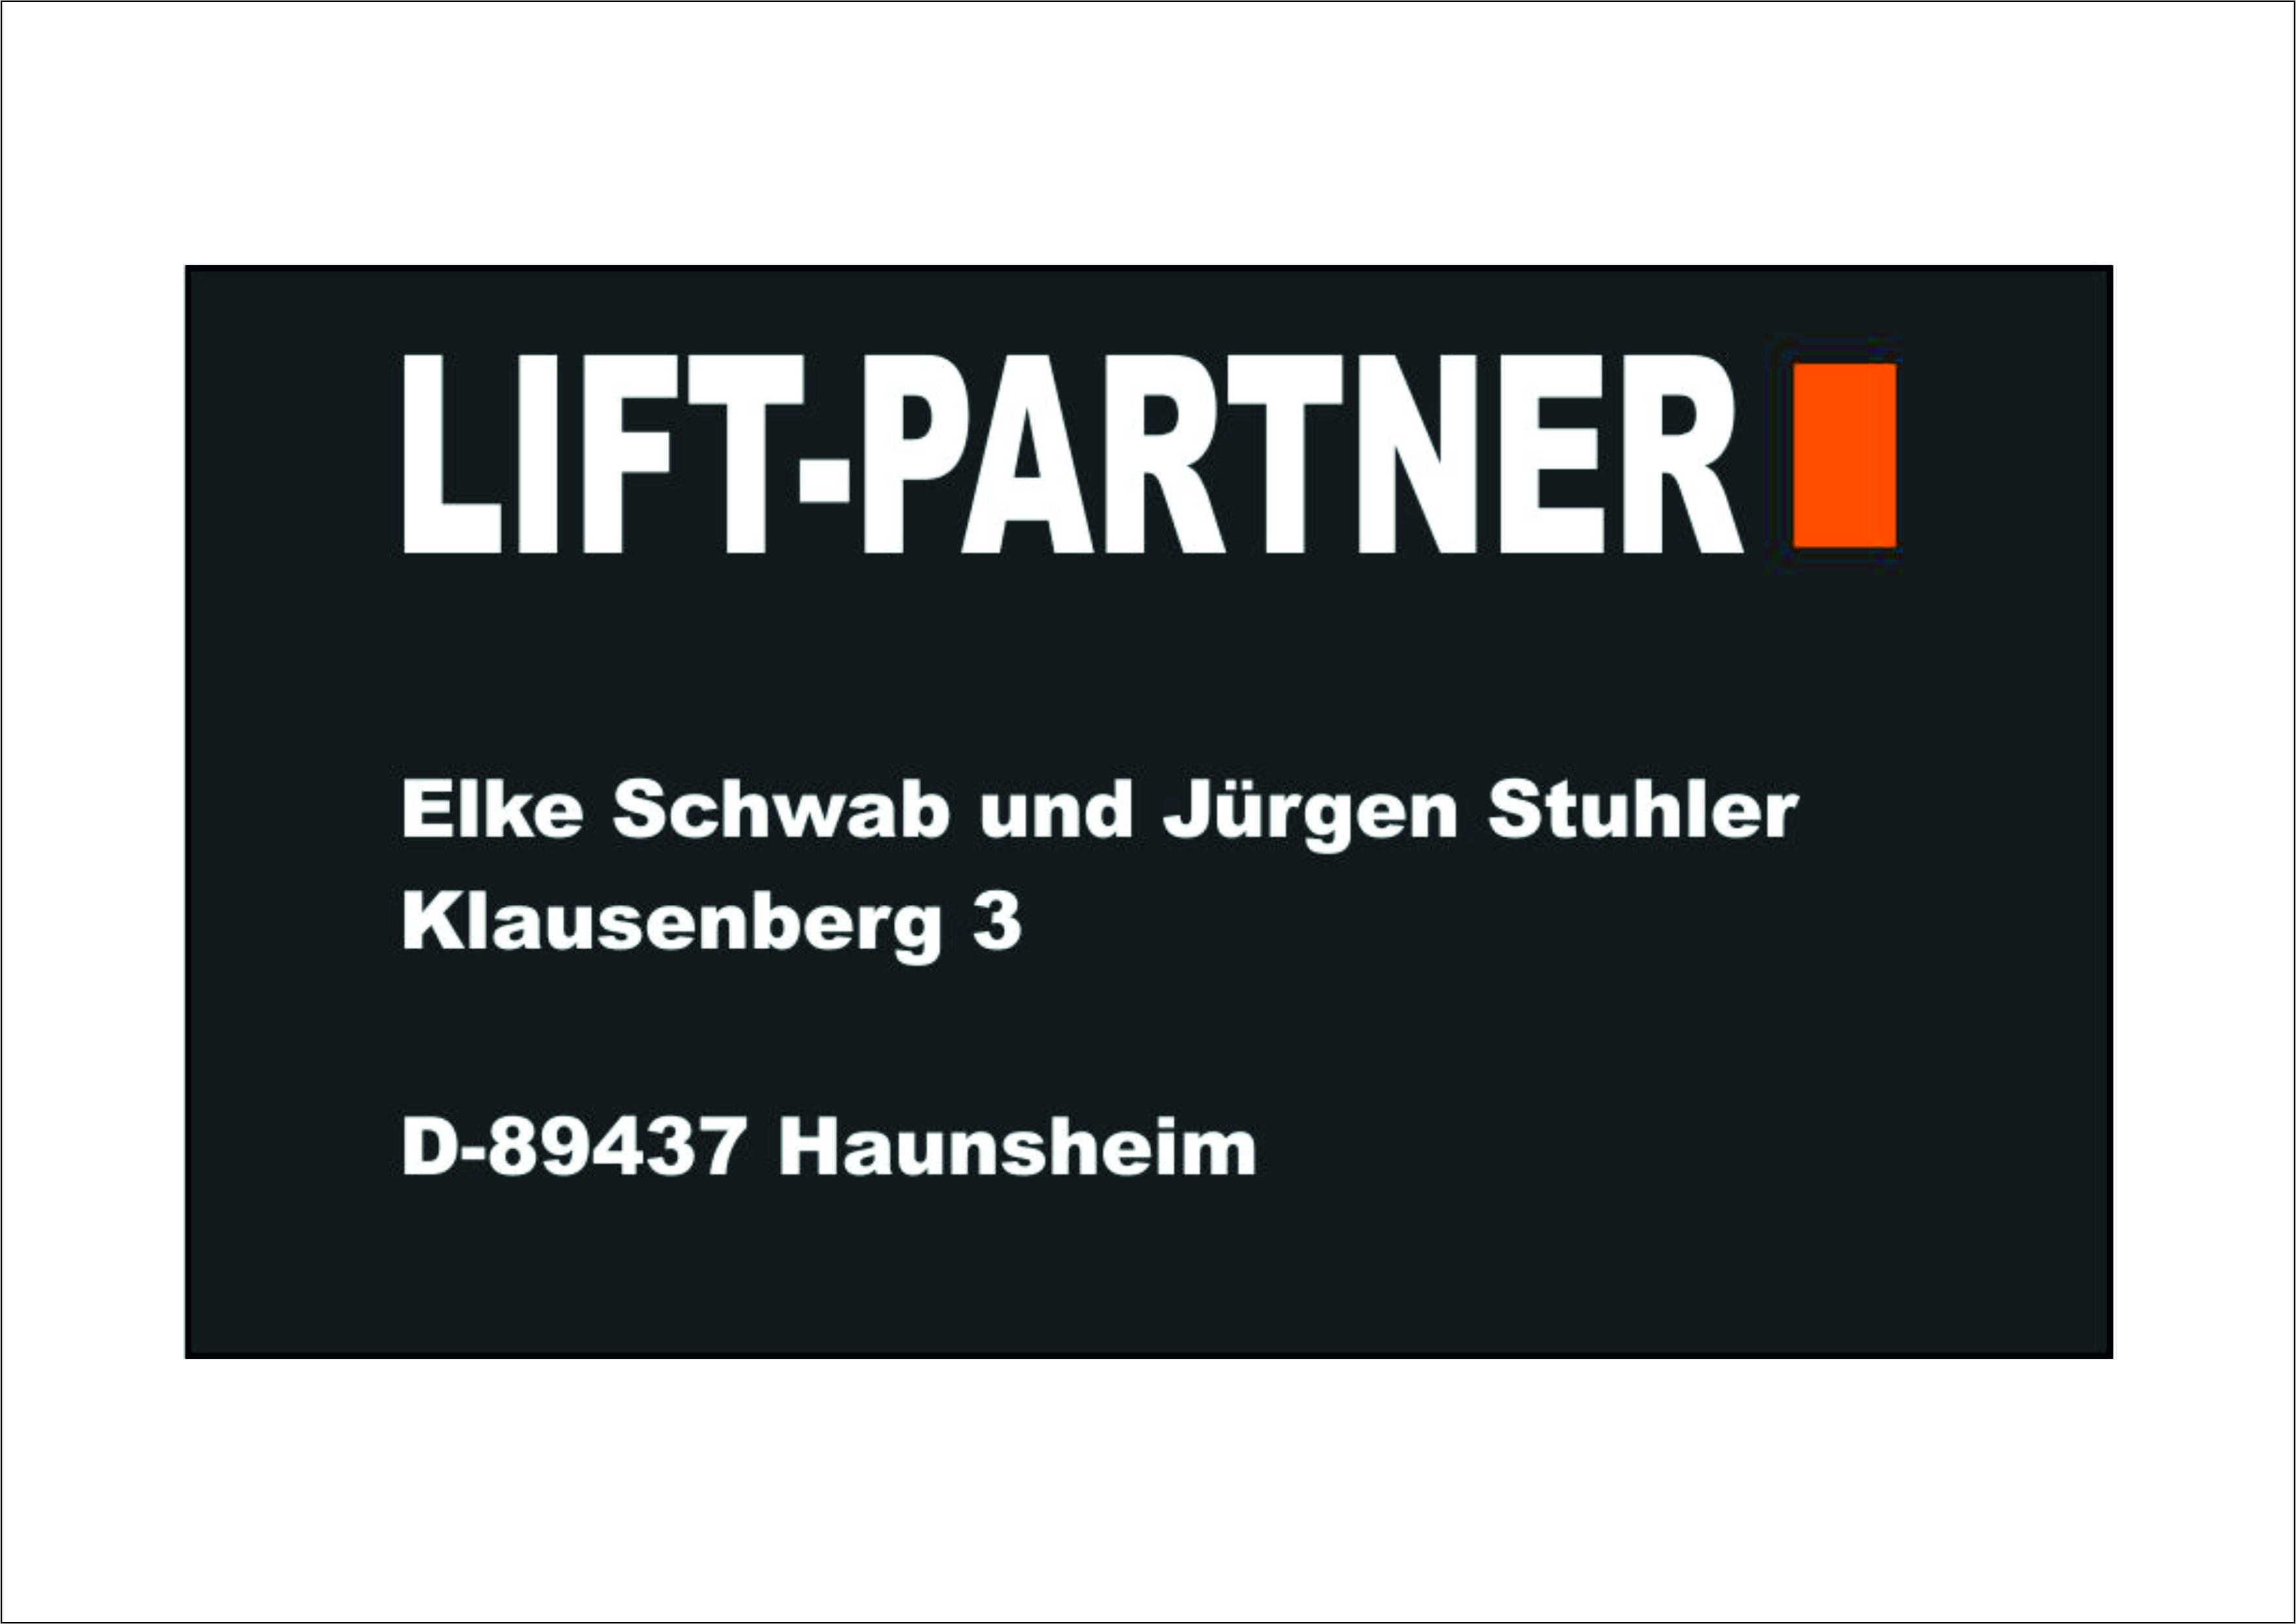 Lift-Partner